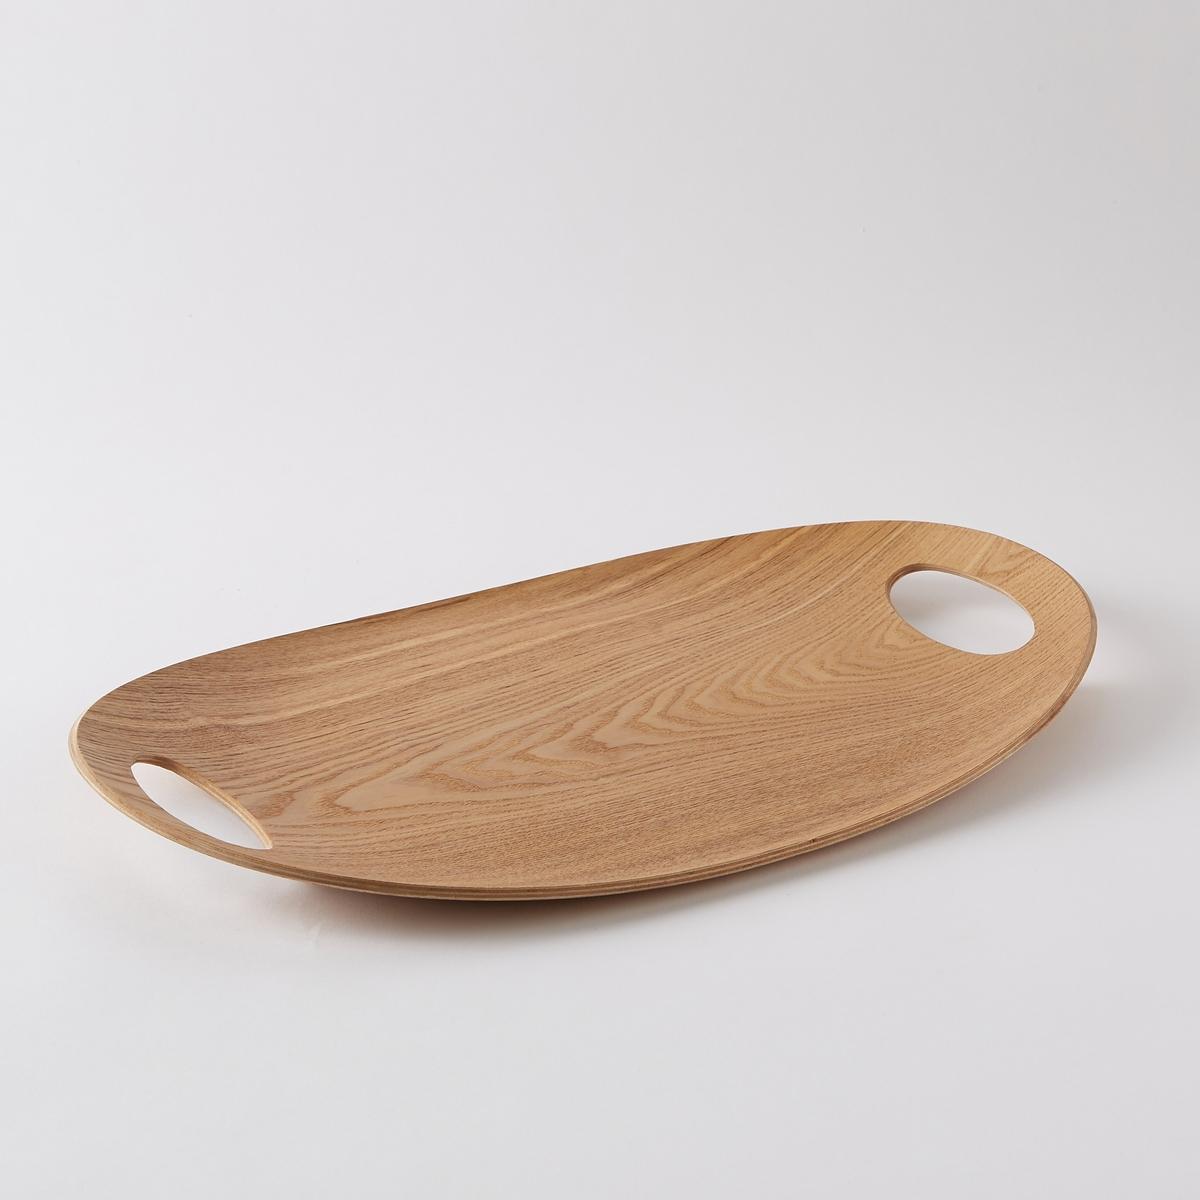 Поднос сервировочный овальныйХарактеристики сервировочного подноса:- Выполнен из очень прочной ивовой древесины.- Длина 45 x ширина 28 см.<br><br>Цвет: светло-коричневый